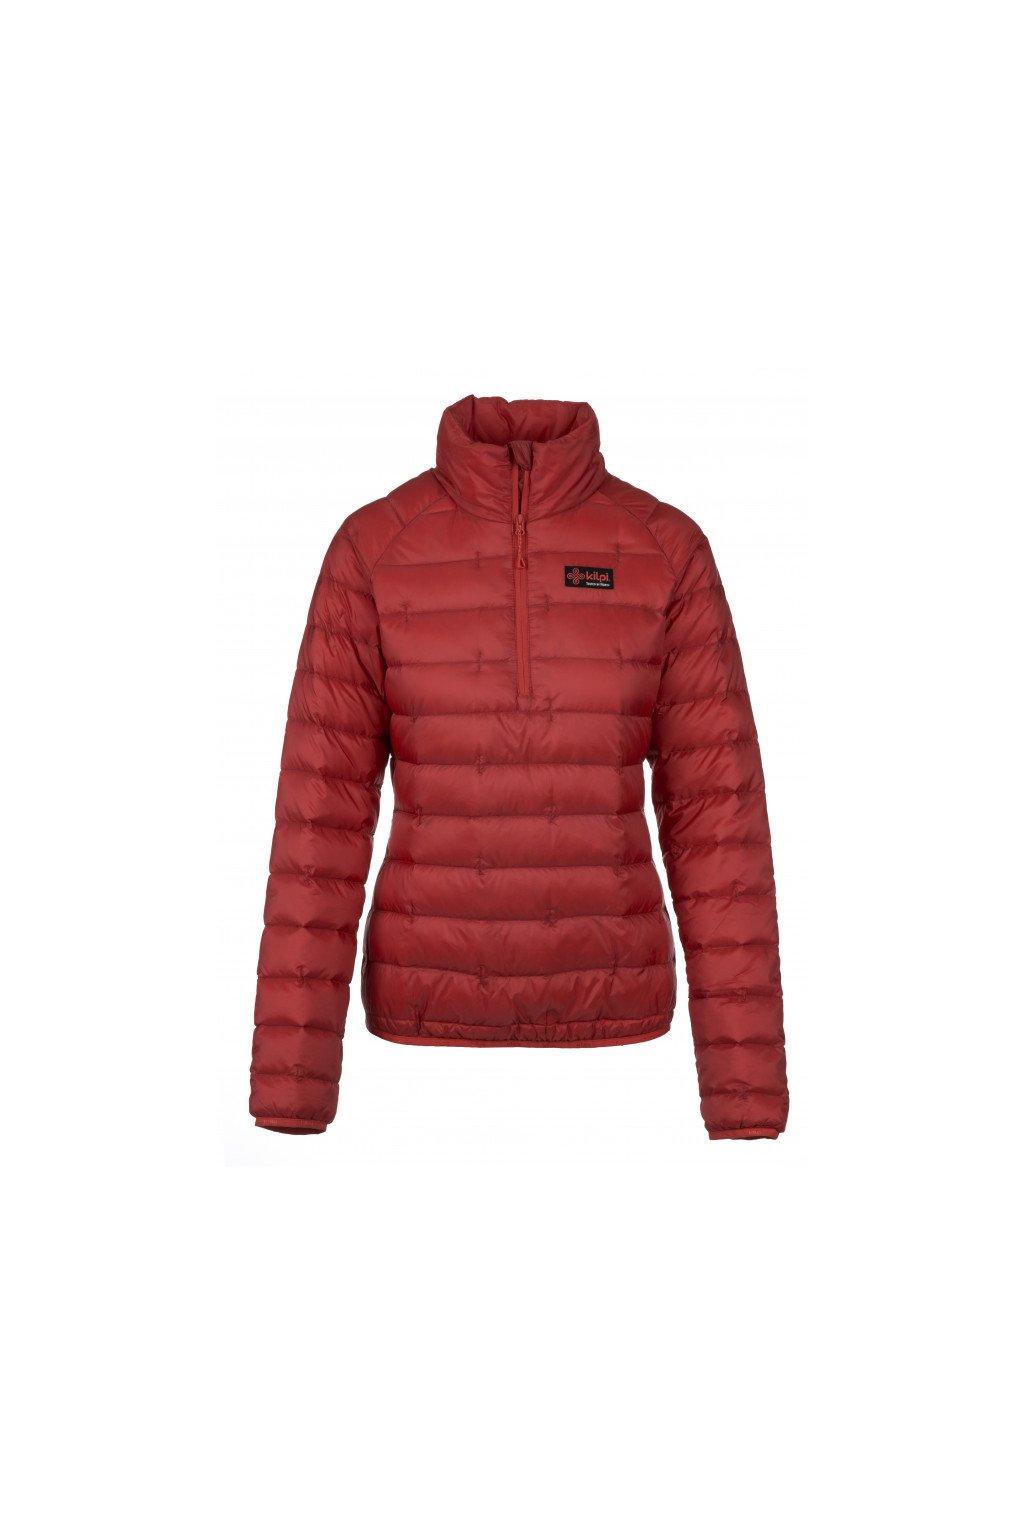 Desigual černý kabát s barevnými pruhy - BERTOO - Outlet levně 2fc0017d93